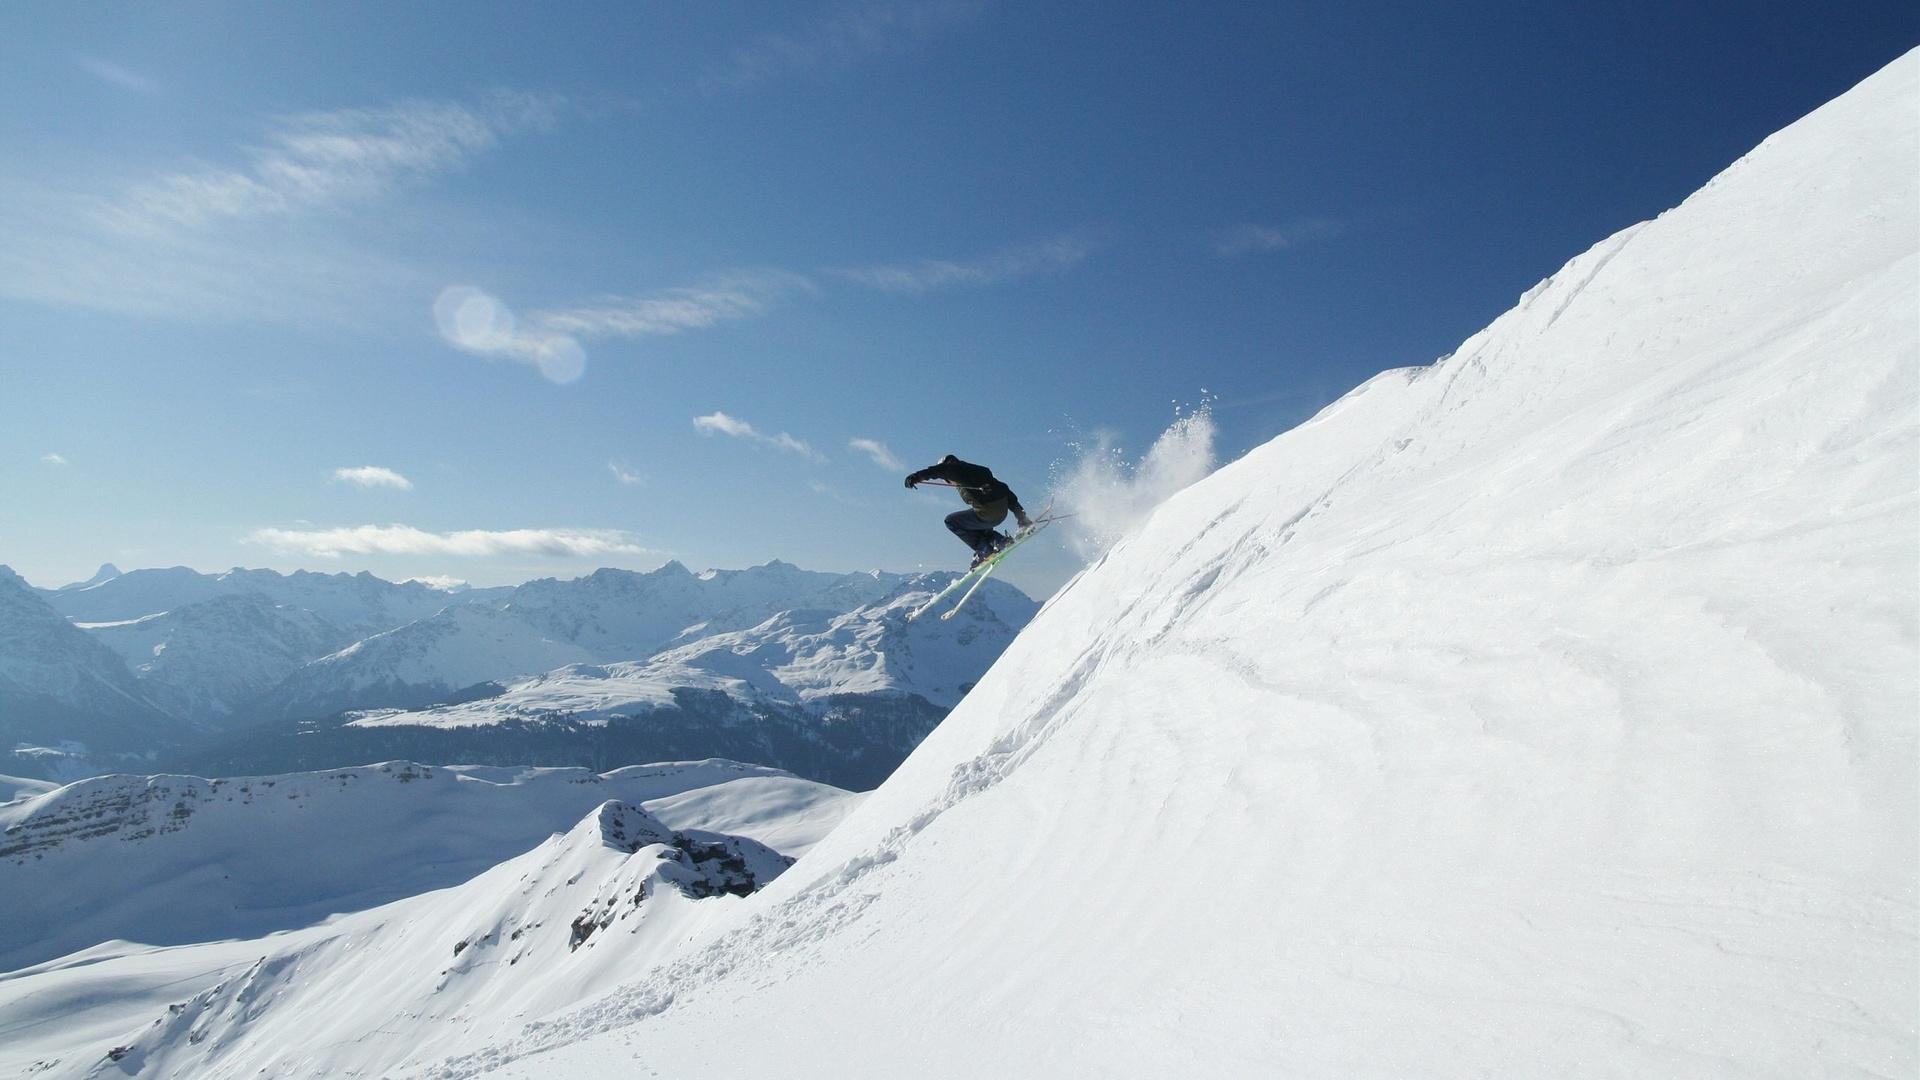 фото с горнолыжником